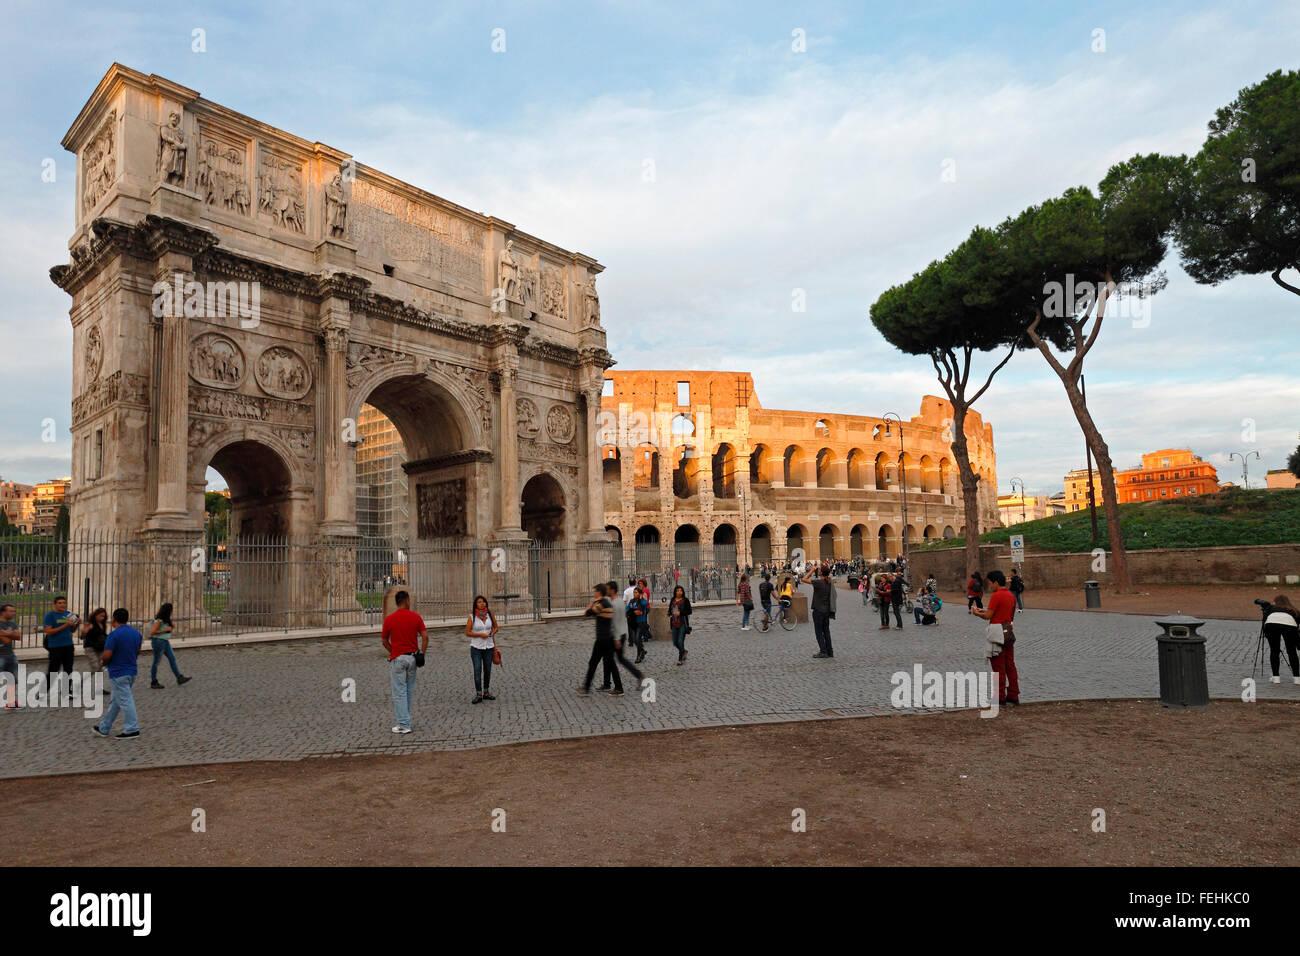 L'Arco di Costantino e il Colosseo a Roma, Italia; Arco di Costantino, Colosseo, Roma Immagini Stock